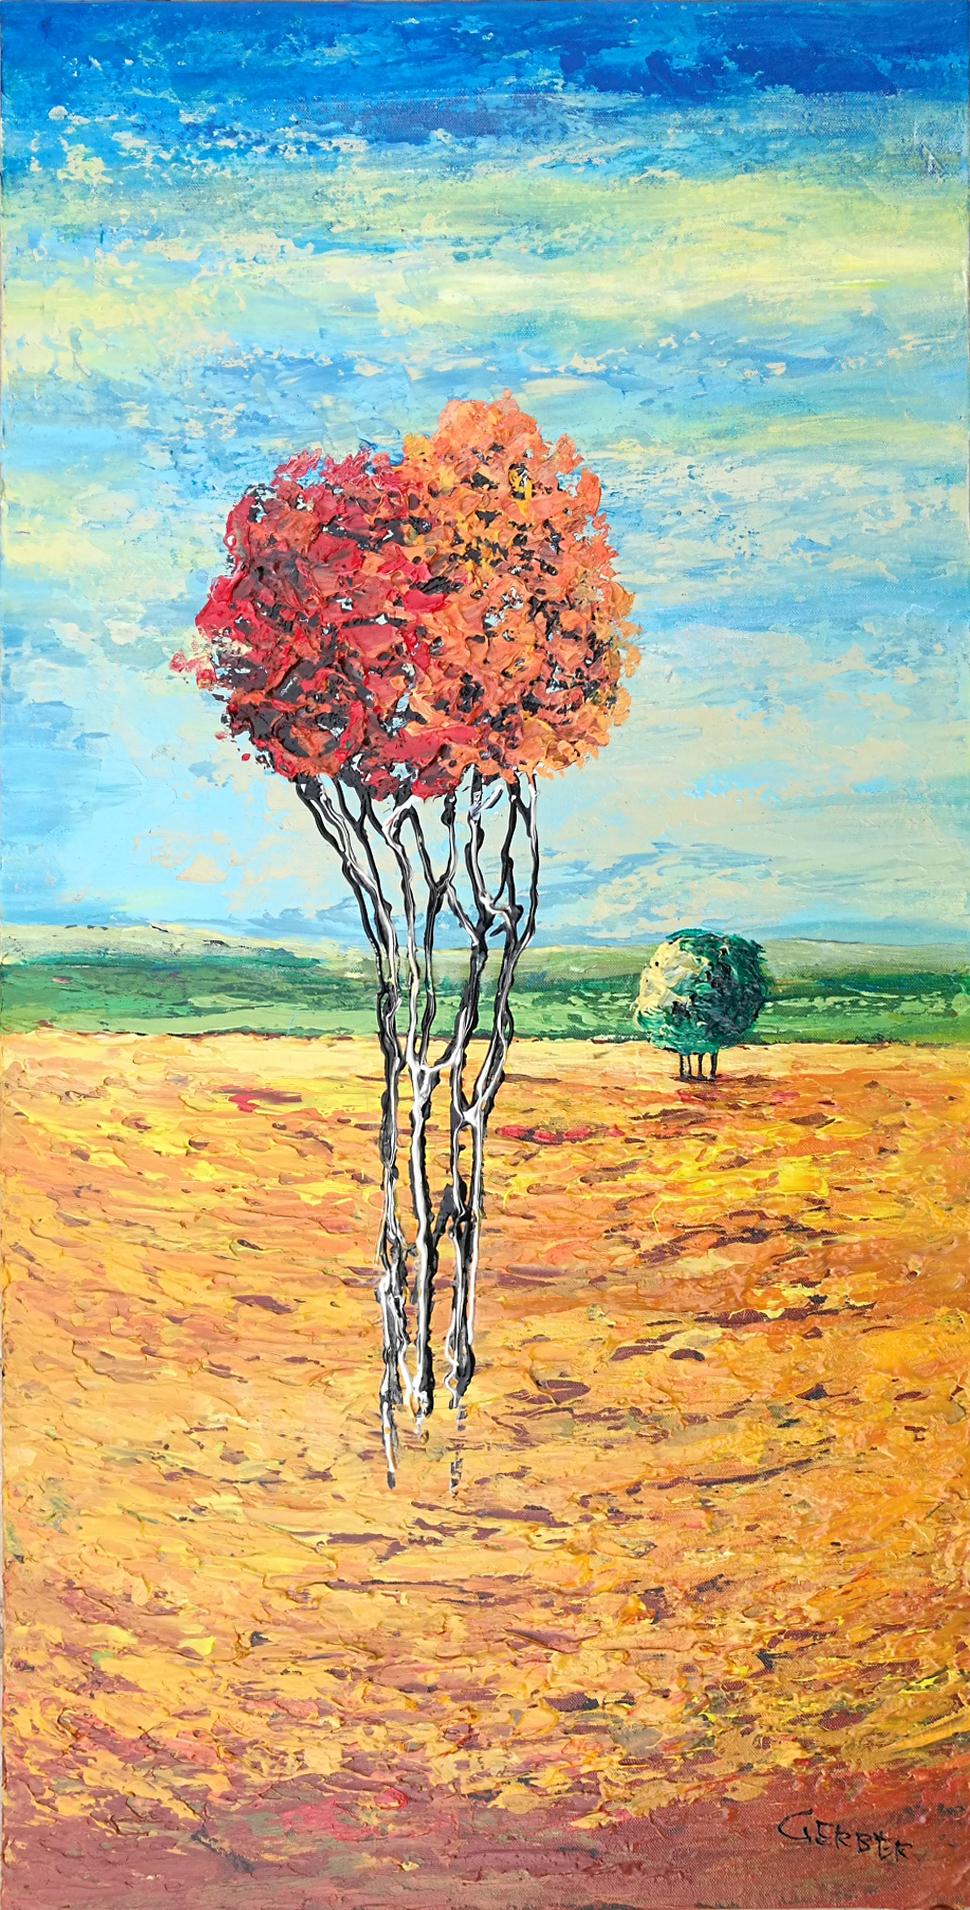 Landscape #1 by Alik Gerber